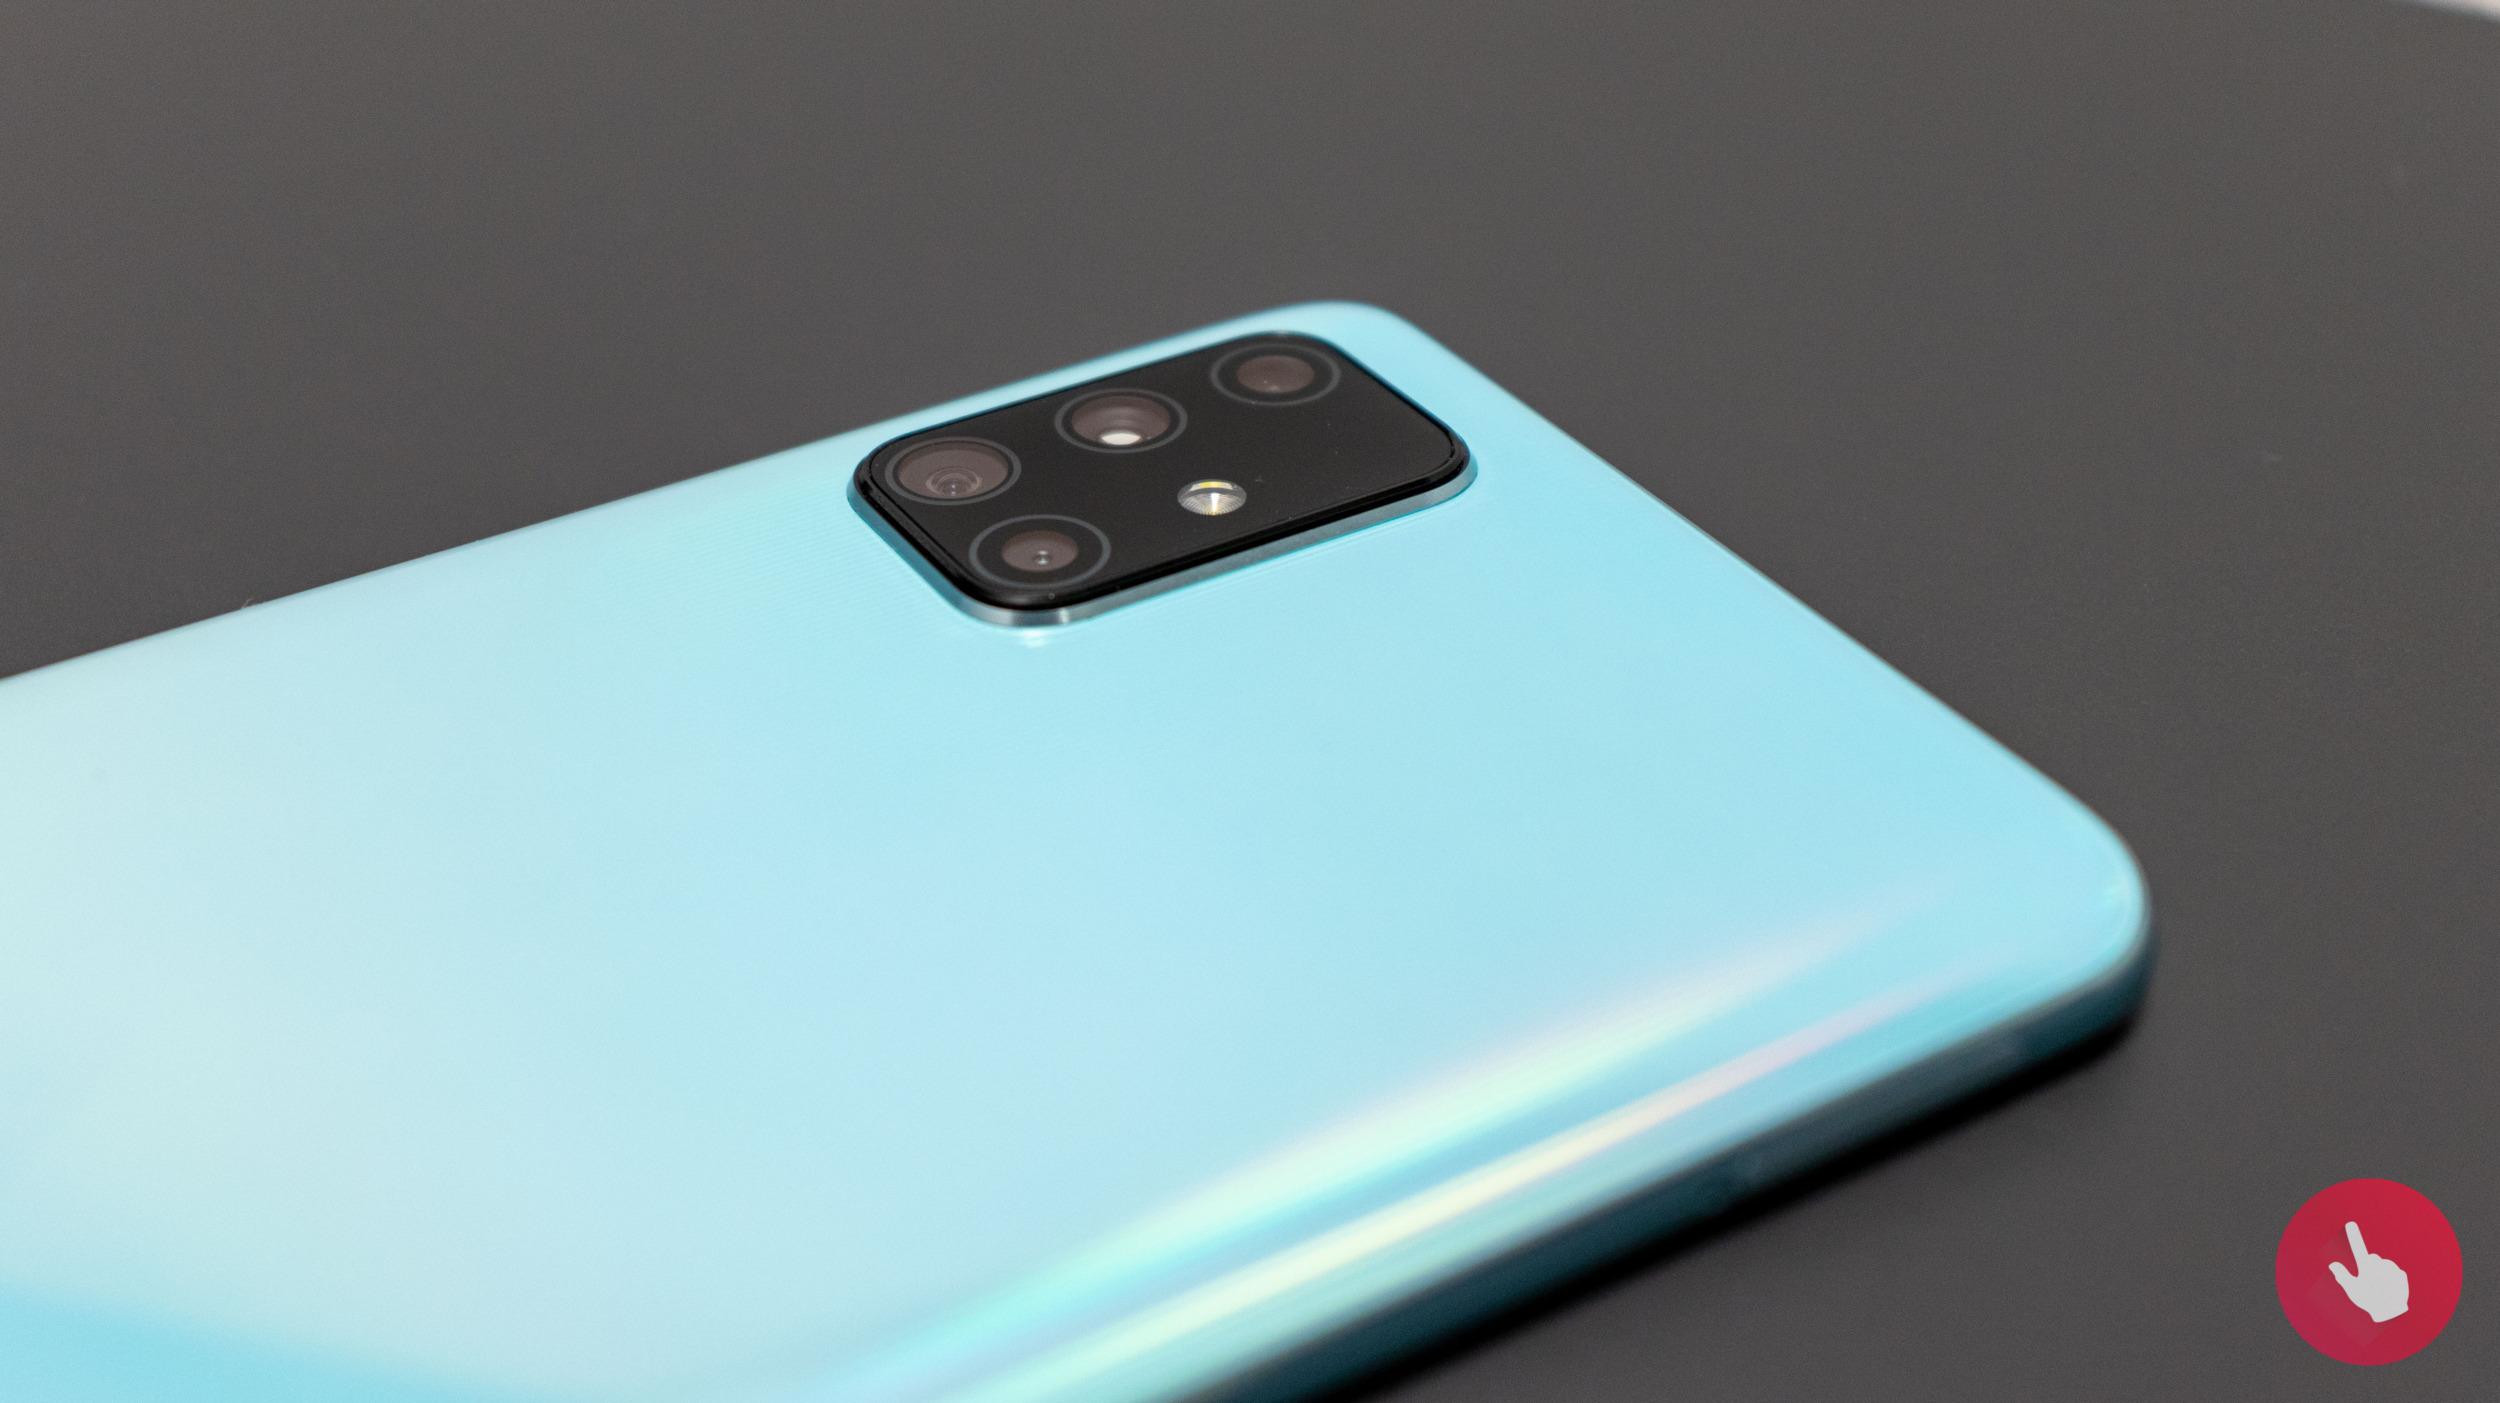 Galaxy A72 bude chtít zaujmout pěti foťáky na zadní straně